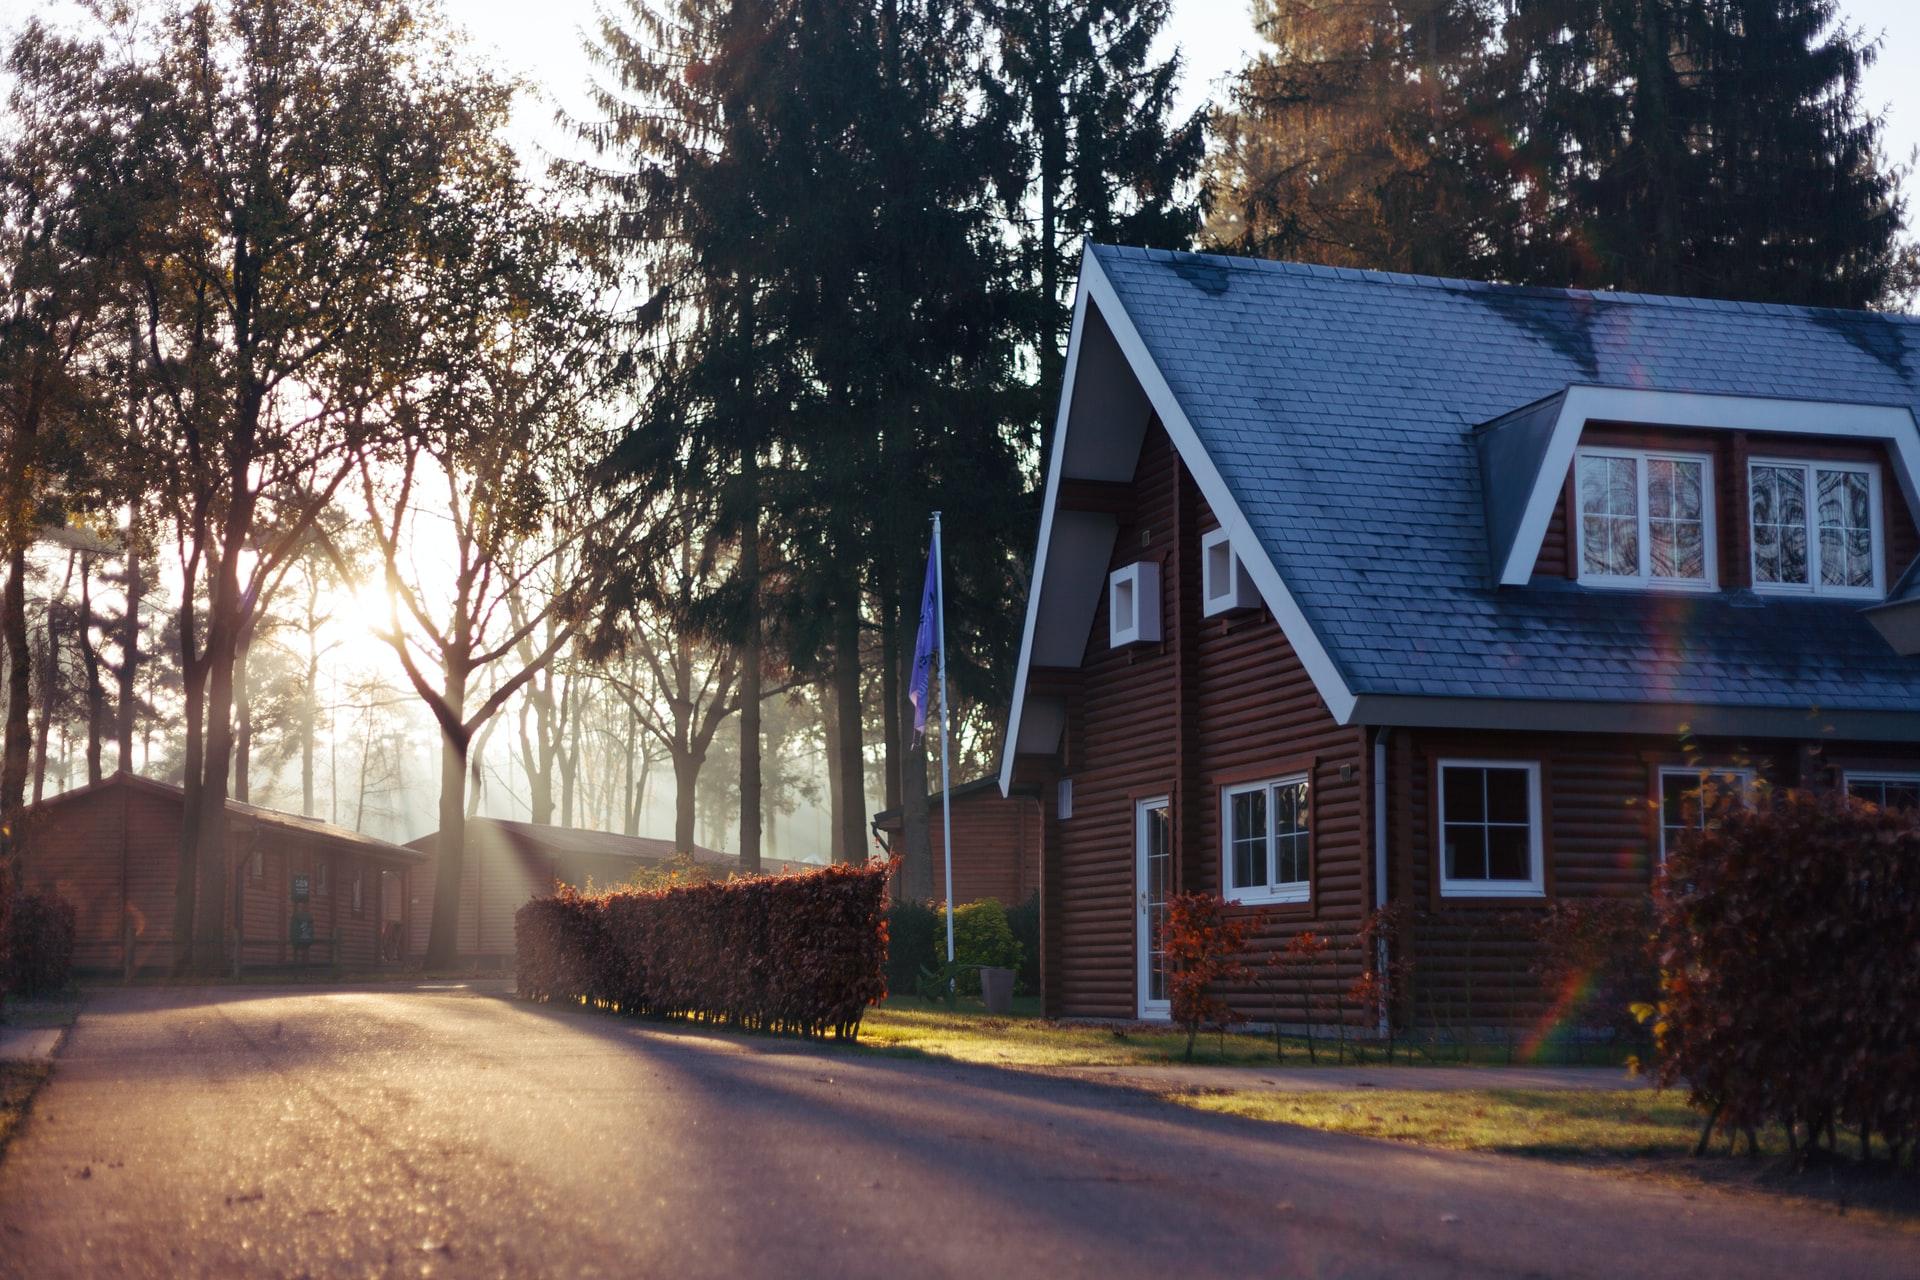 huis verkopen of niet